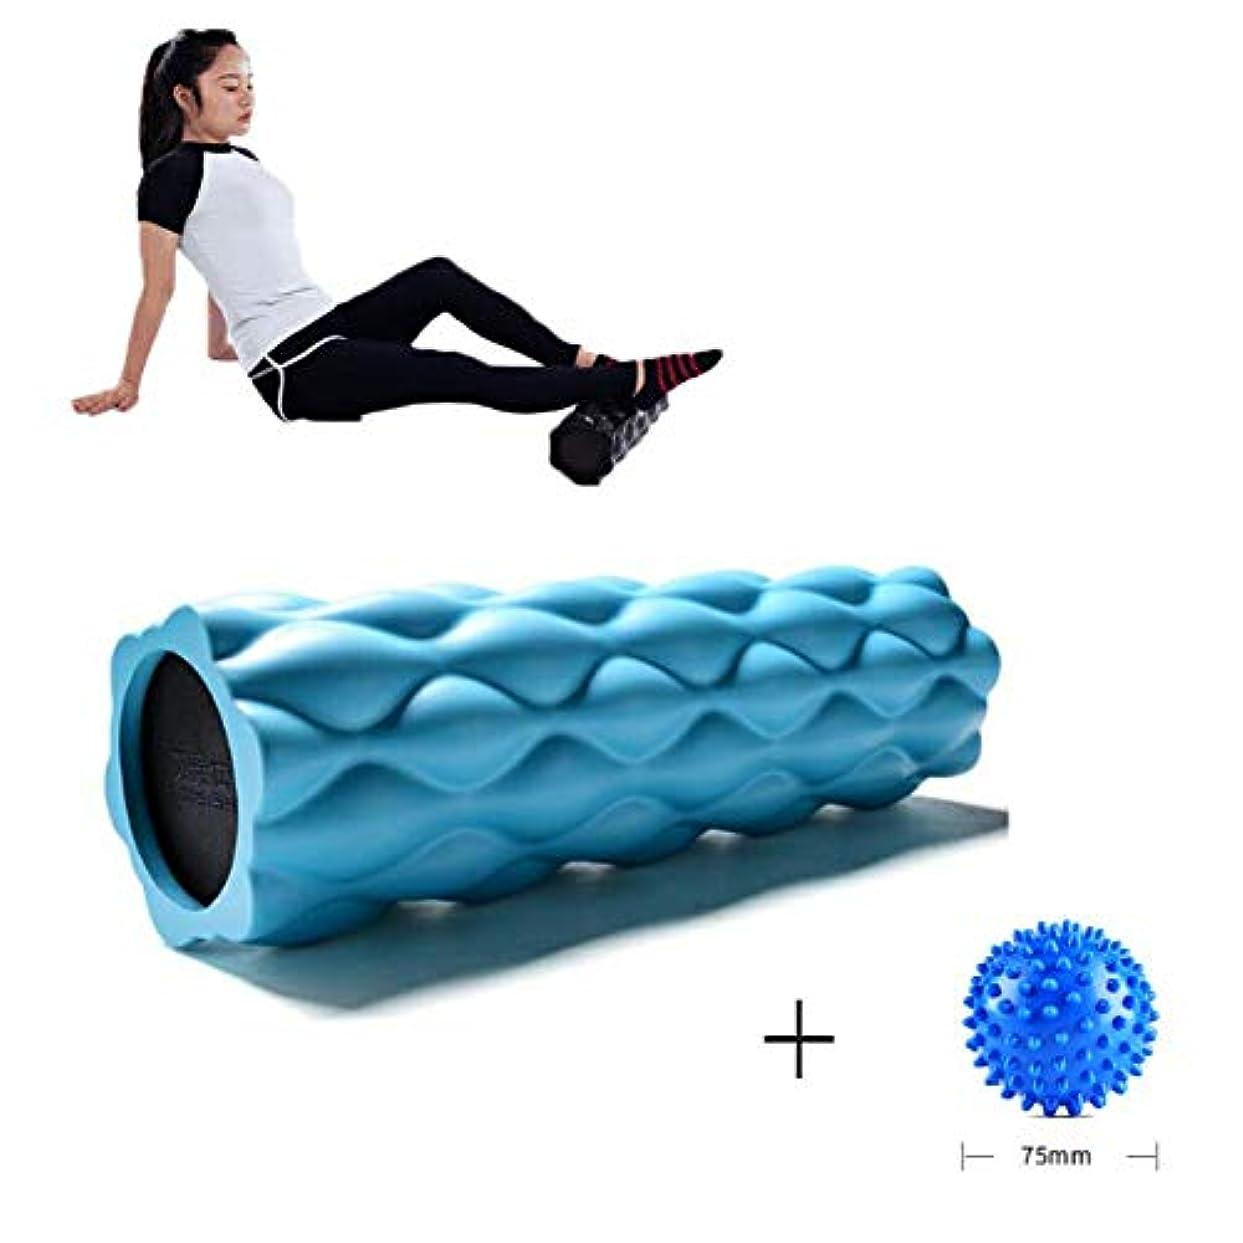 ビット代数的柔らかさフォームローラー 深部組織筋肉マッサージトリガーポイント解放(44.5 x 13.5 cm)のための高密度耐圧脊髄チャンネル,Blue